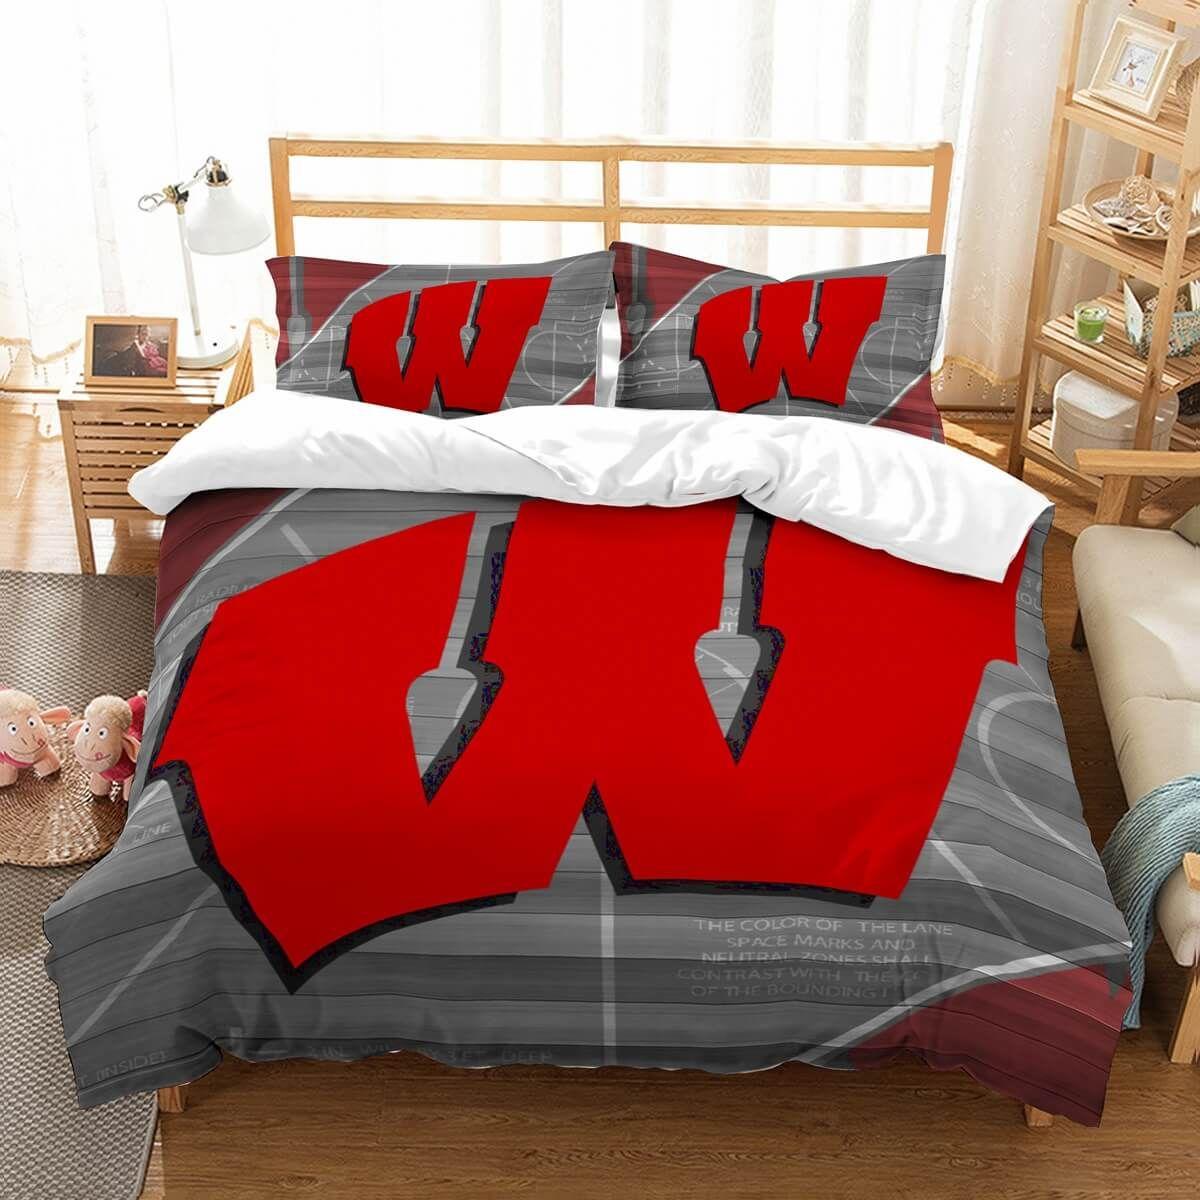 Customize Wisconsin Badgers Bedding Set Duvet Cover Bedroom Bedlinen